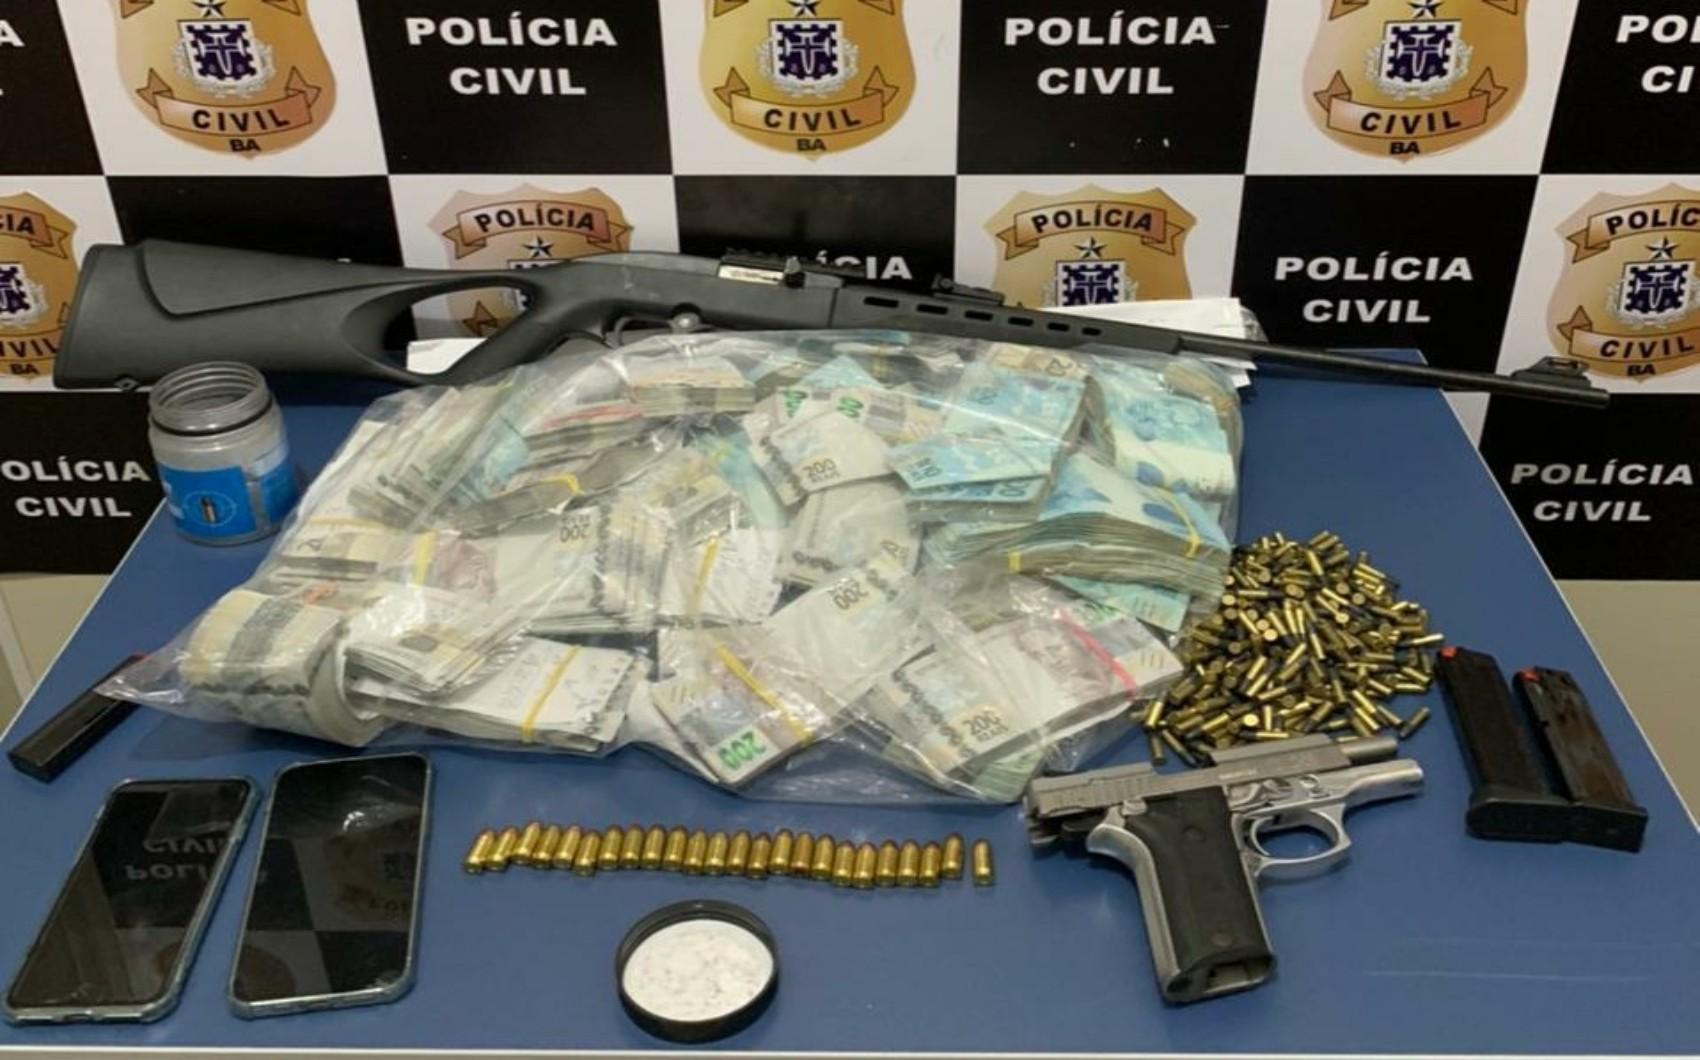 Polícia encontra armas e R$ 670 mil em fazenda do irmão do prefeito de Embu das Artes (SP)